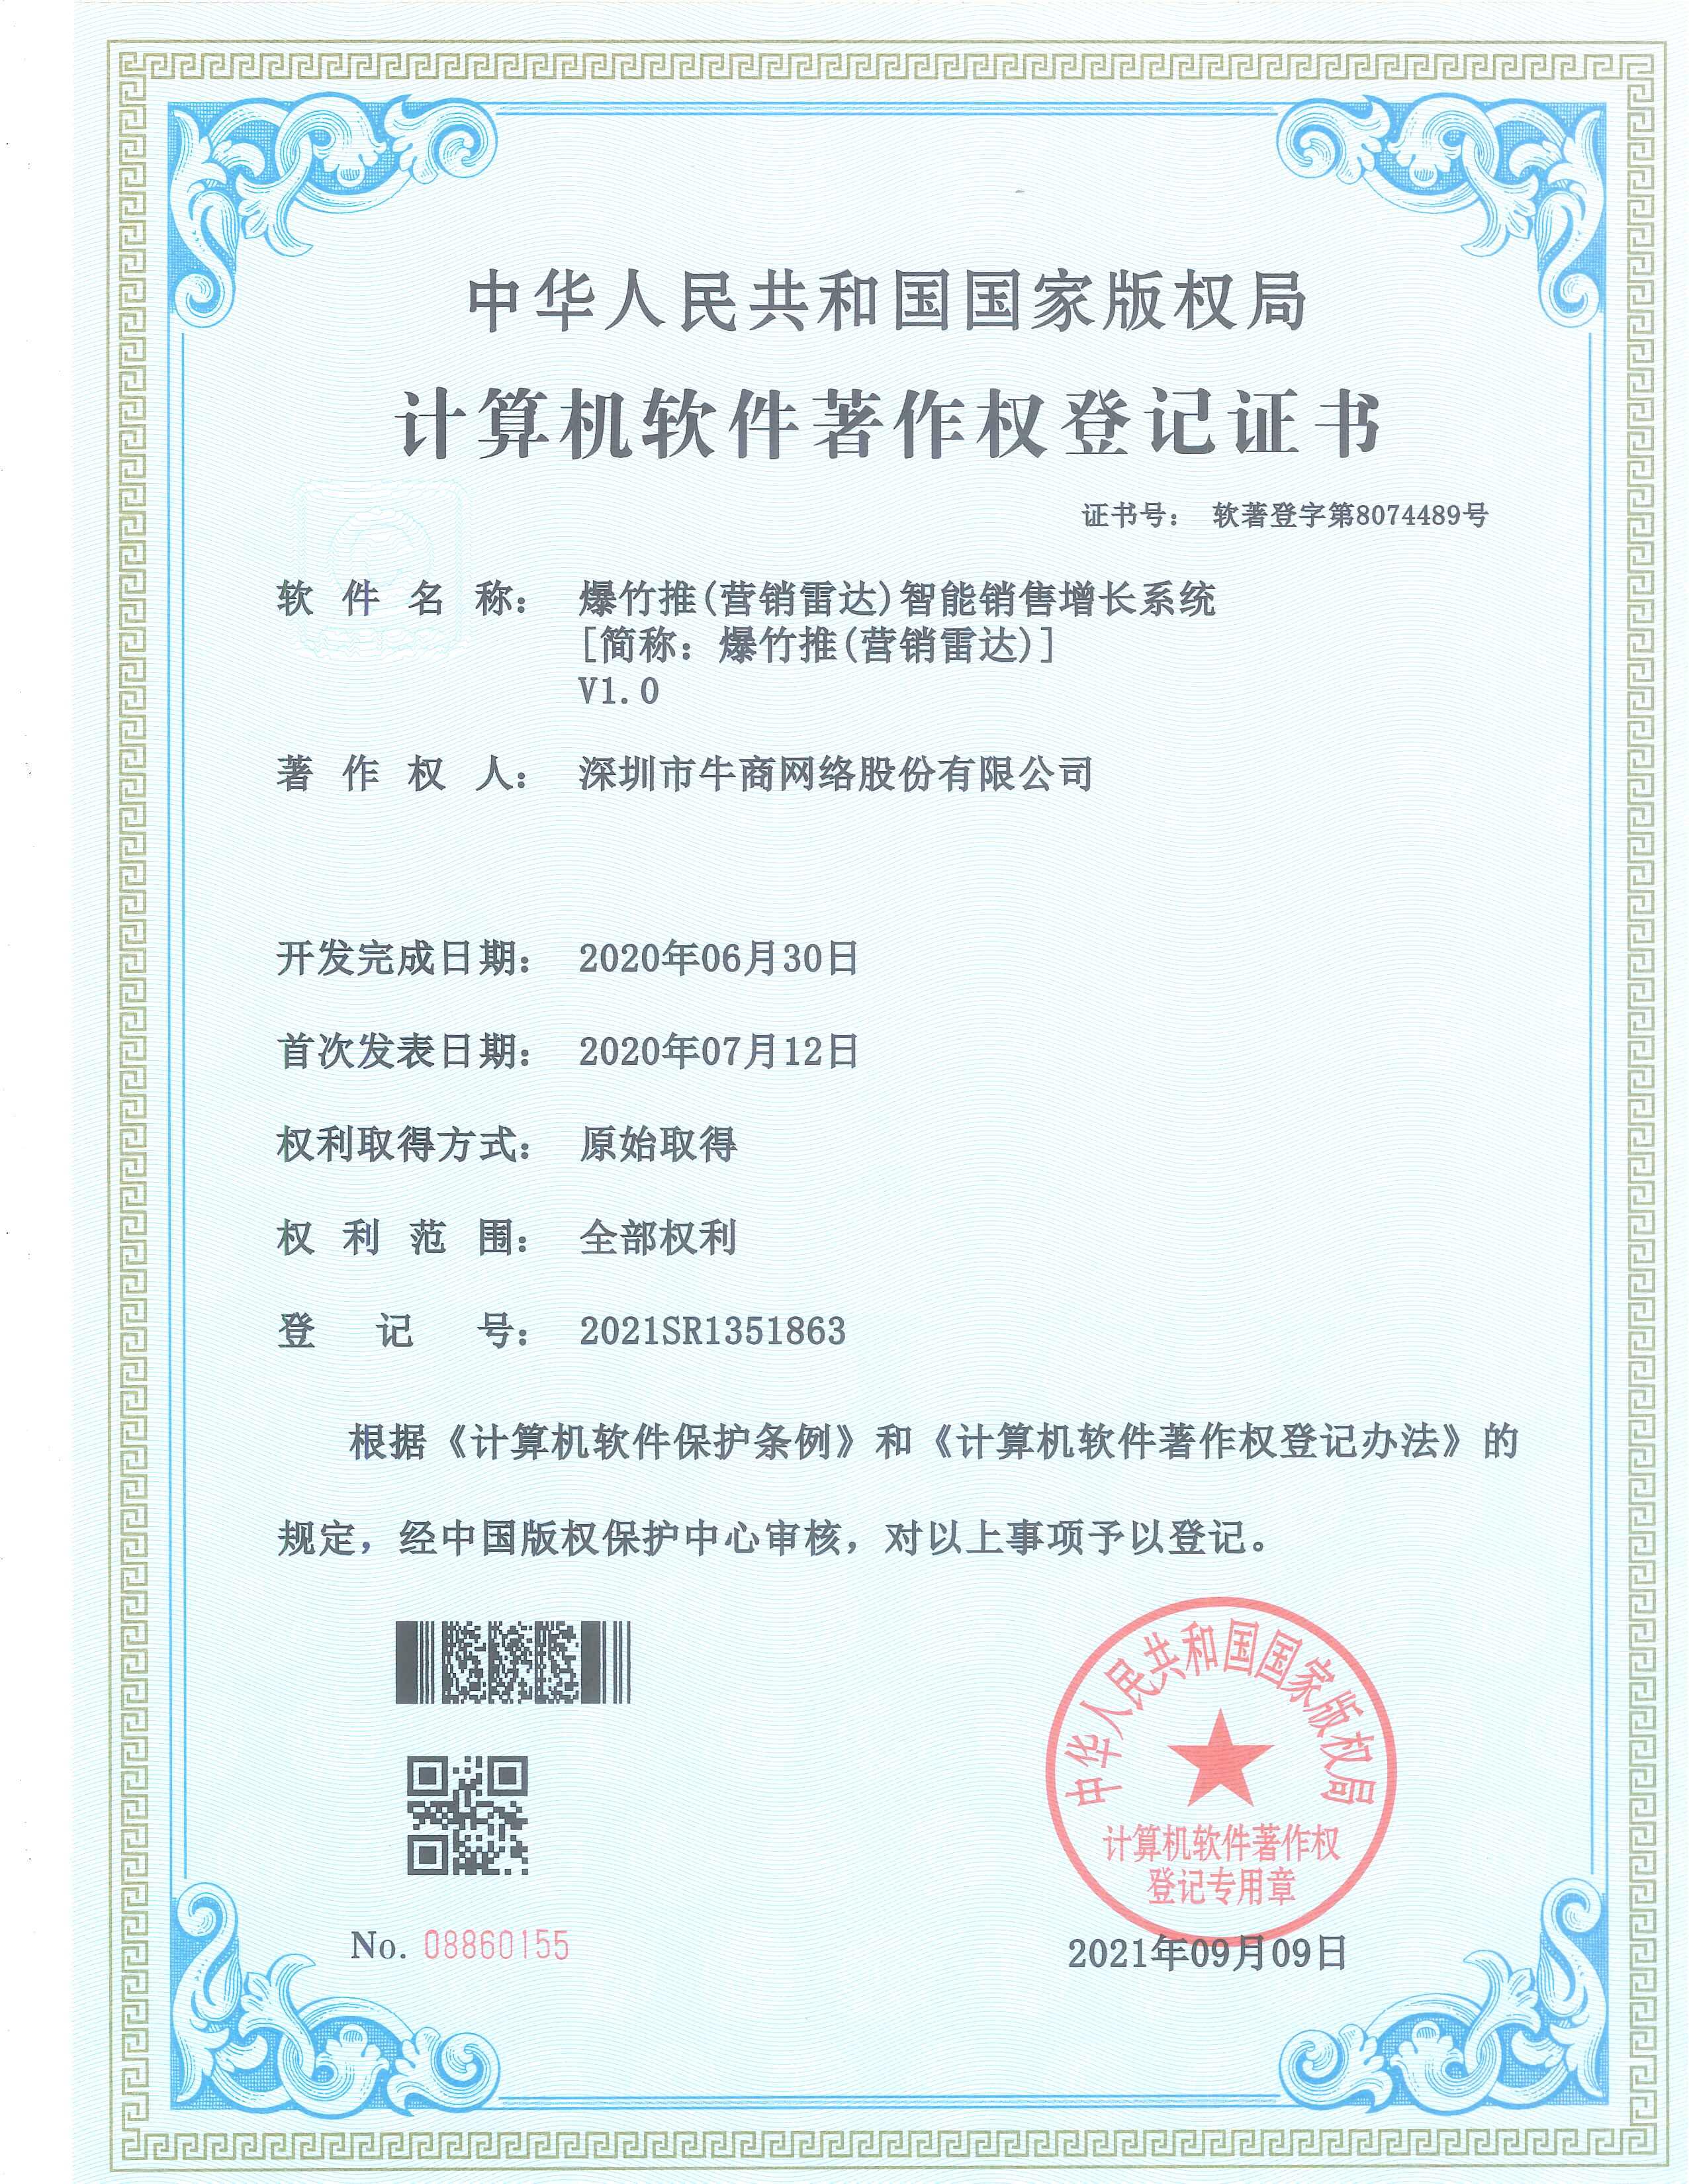 爆竹推(营销雷达)智能销售增长系统证书